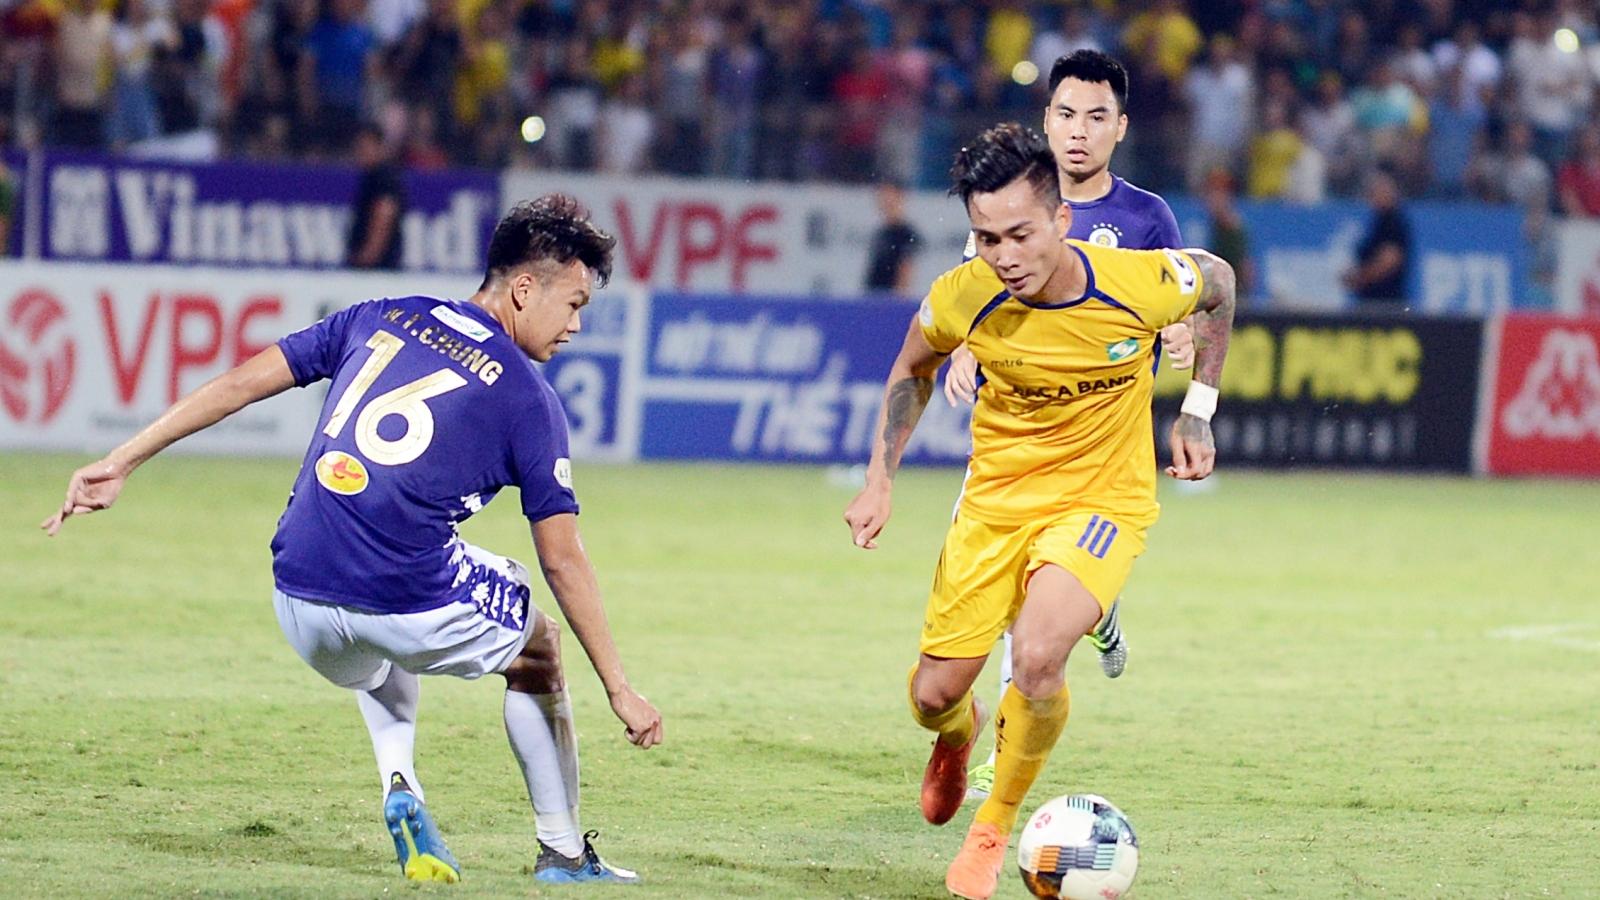 Chốt thời điểm V-League 2020 trở lại: Khán giả chưa chắc được đến sân